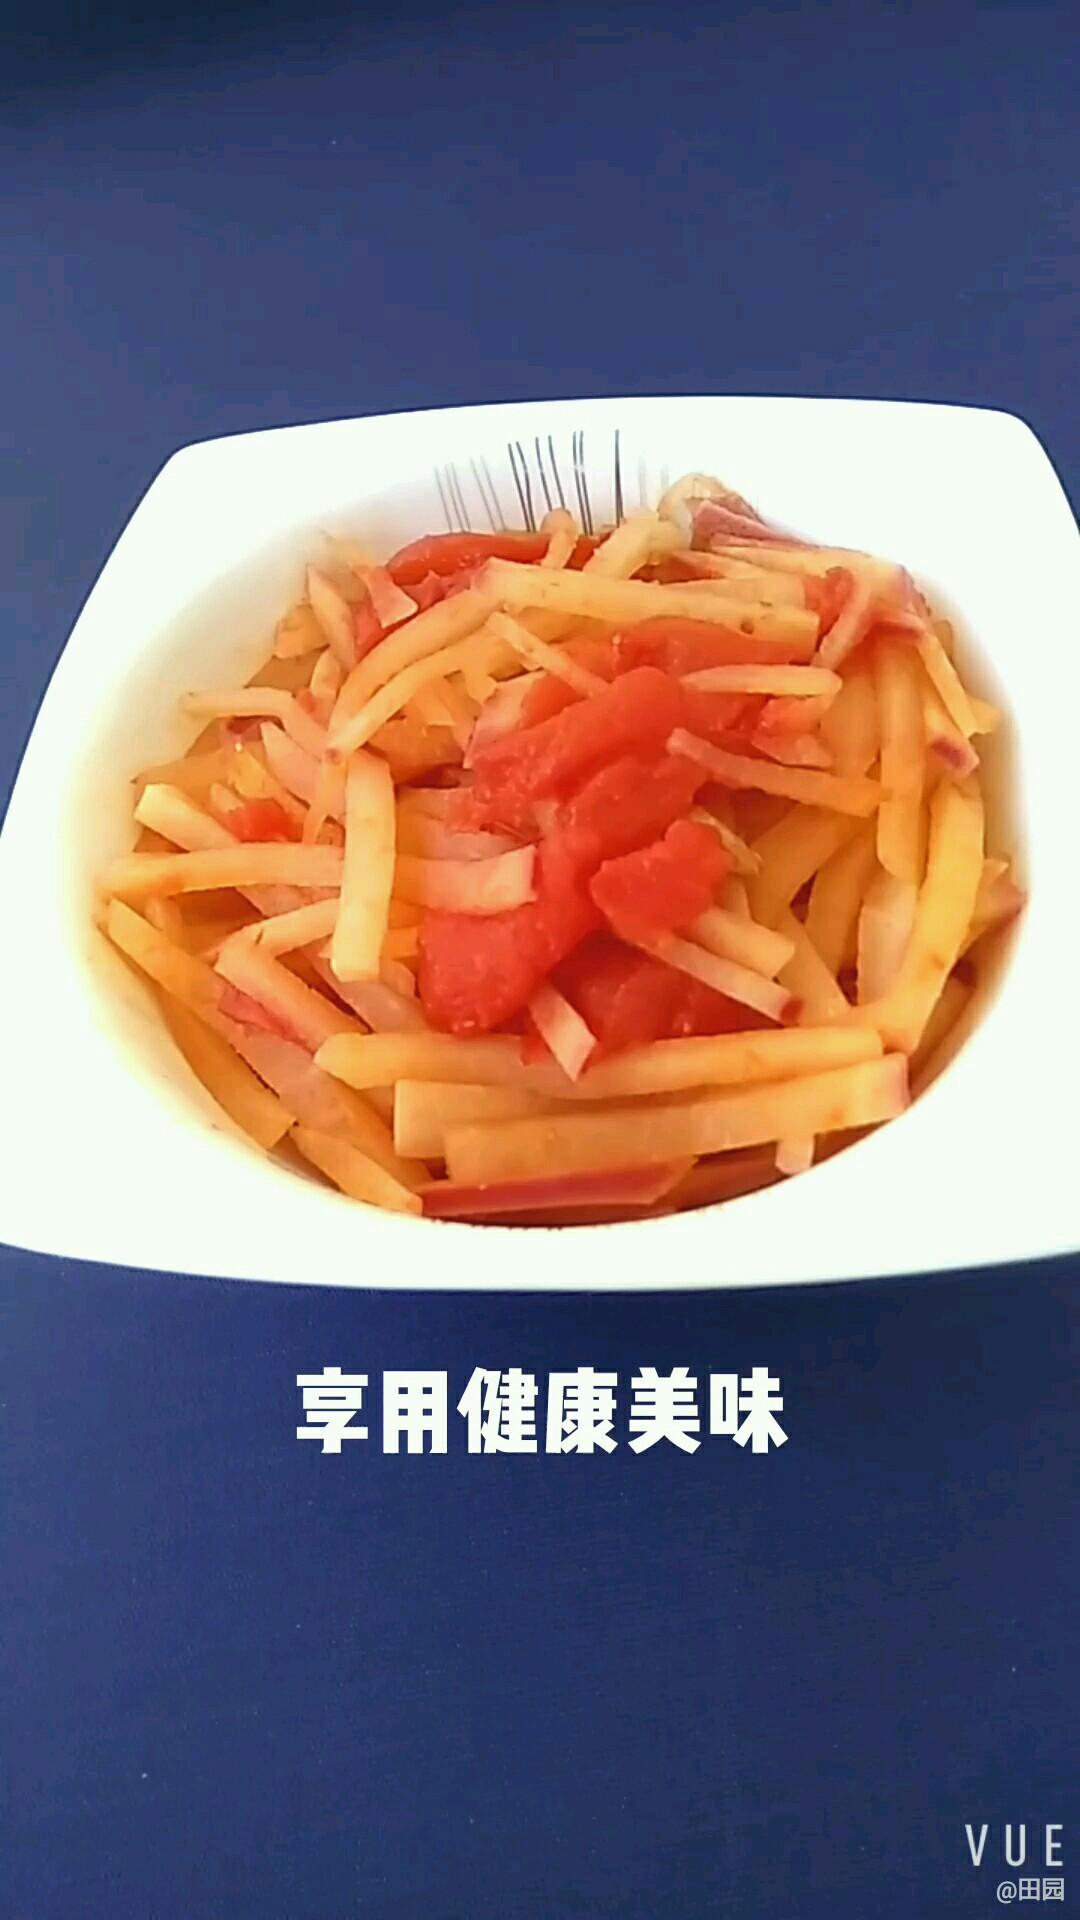 西红柿烧萝卜成品图